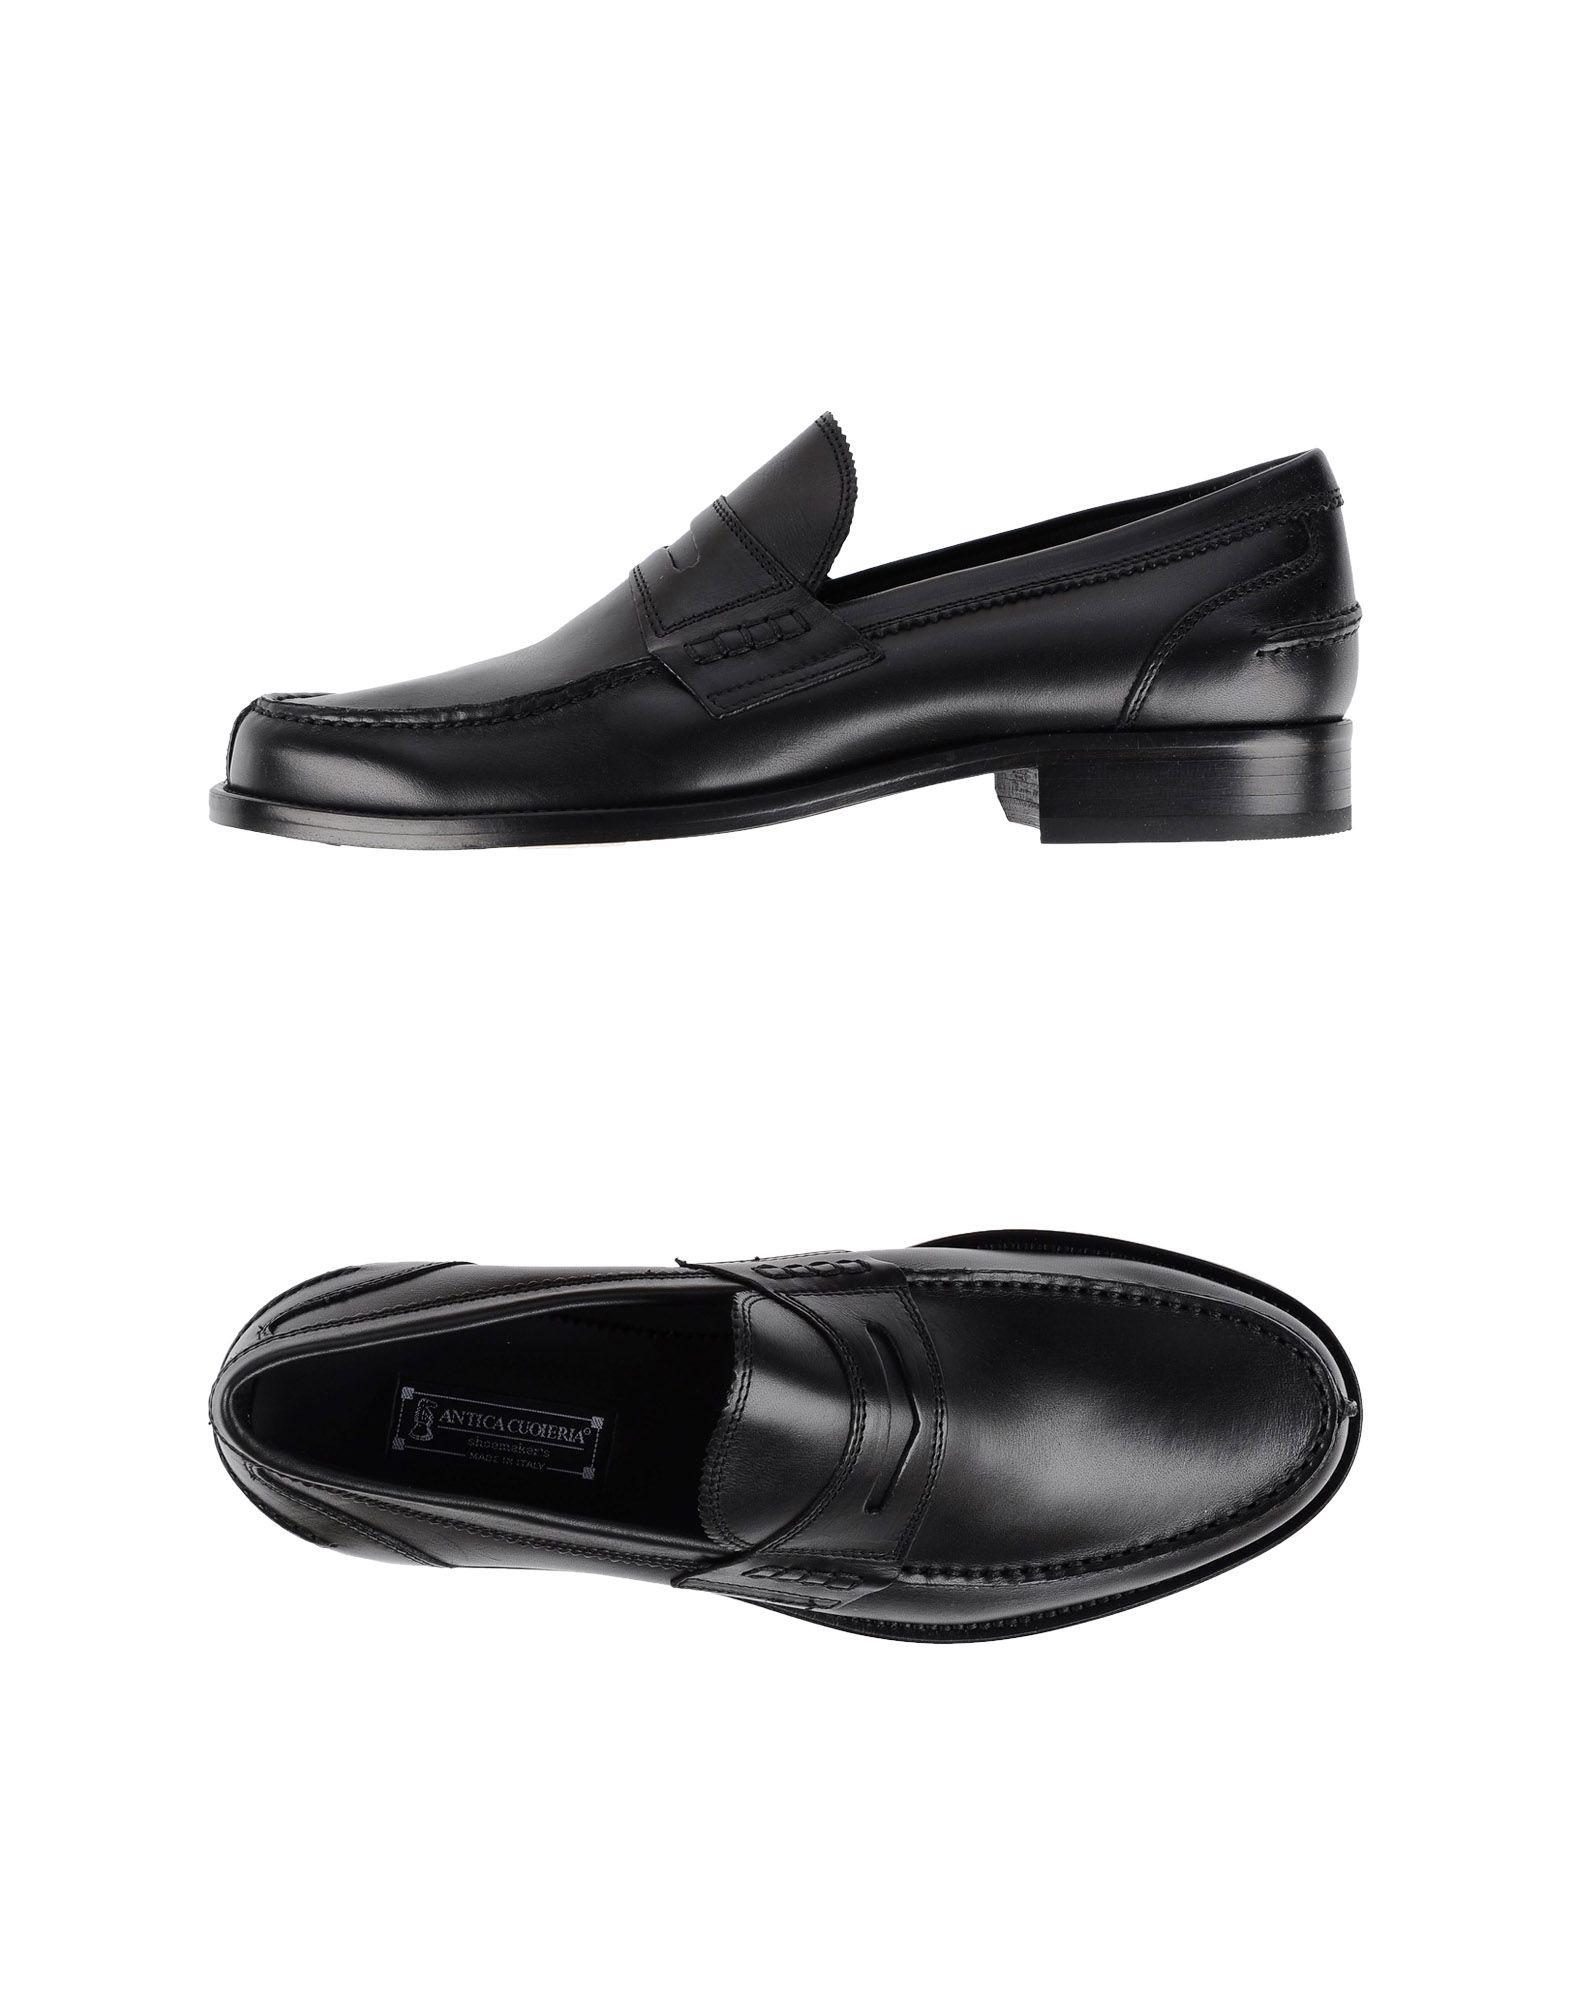 Rabatt echte Mokassins Schuhe Antica Cuoieria Mokassins echte Herren  44881430IB 253907